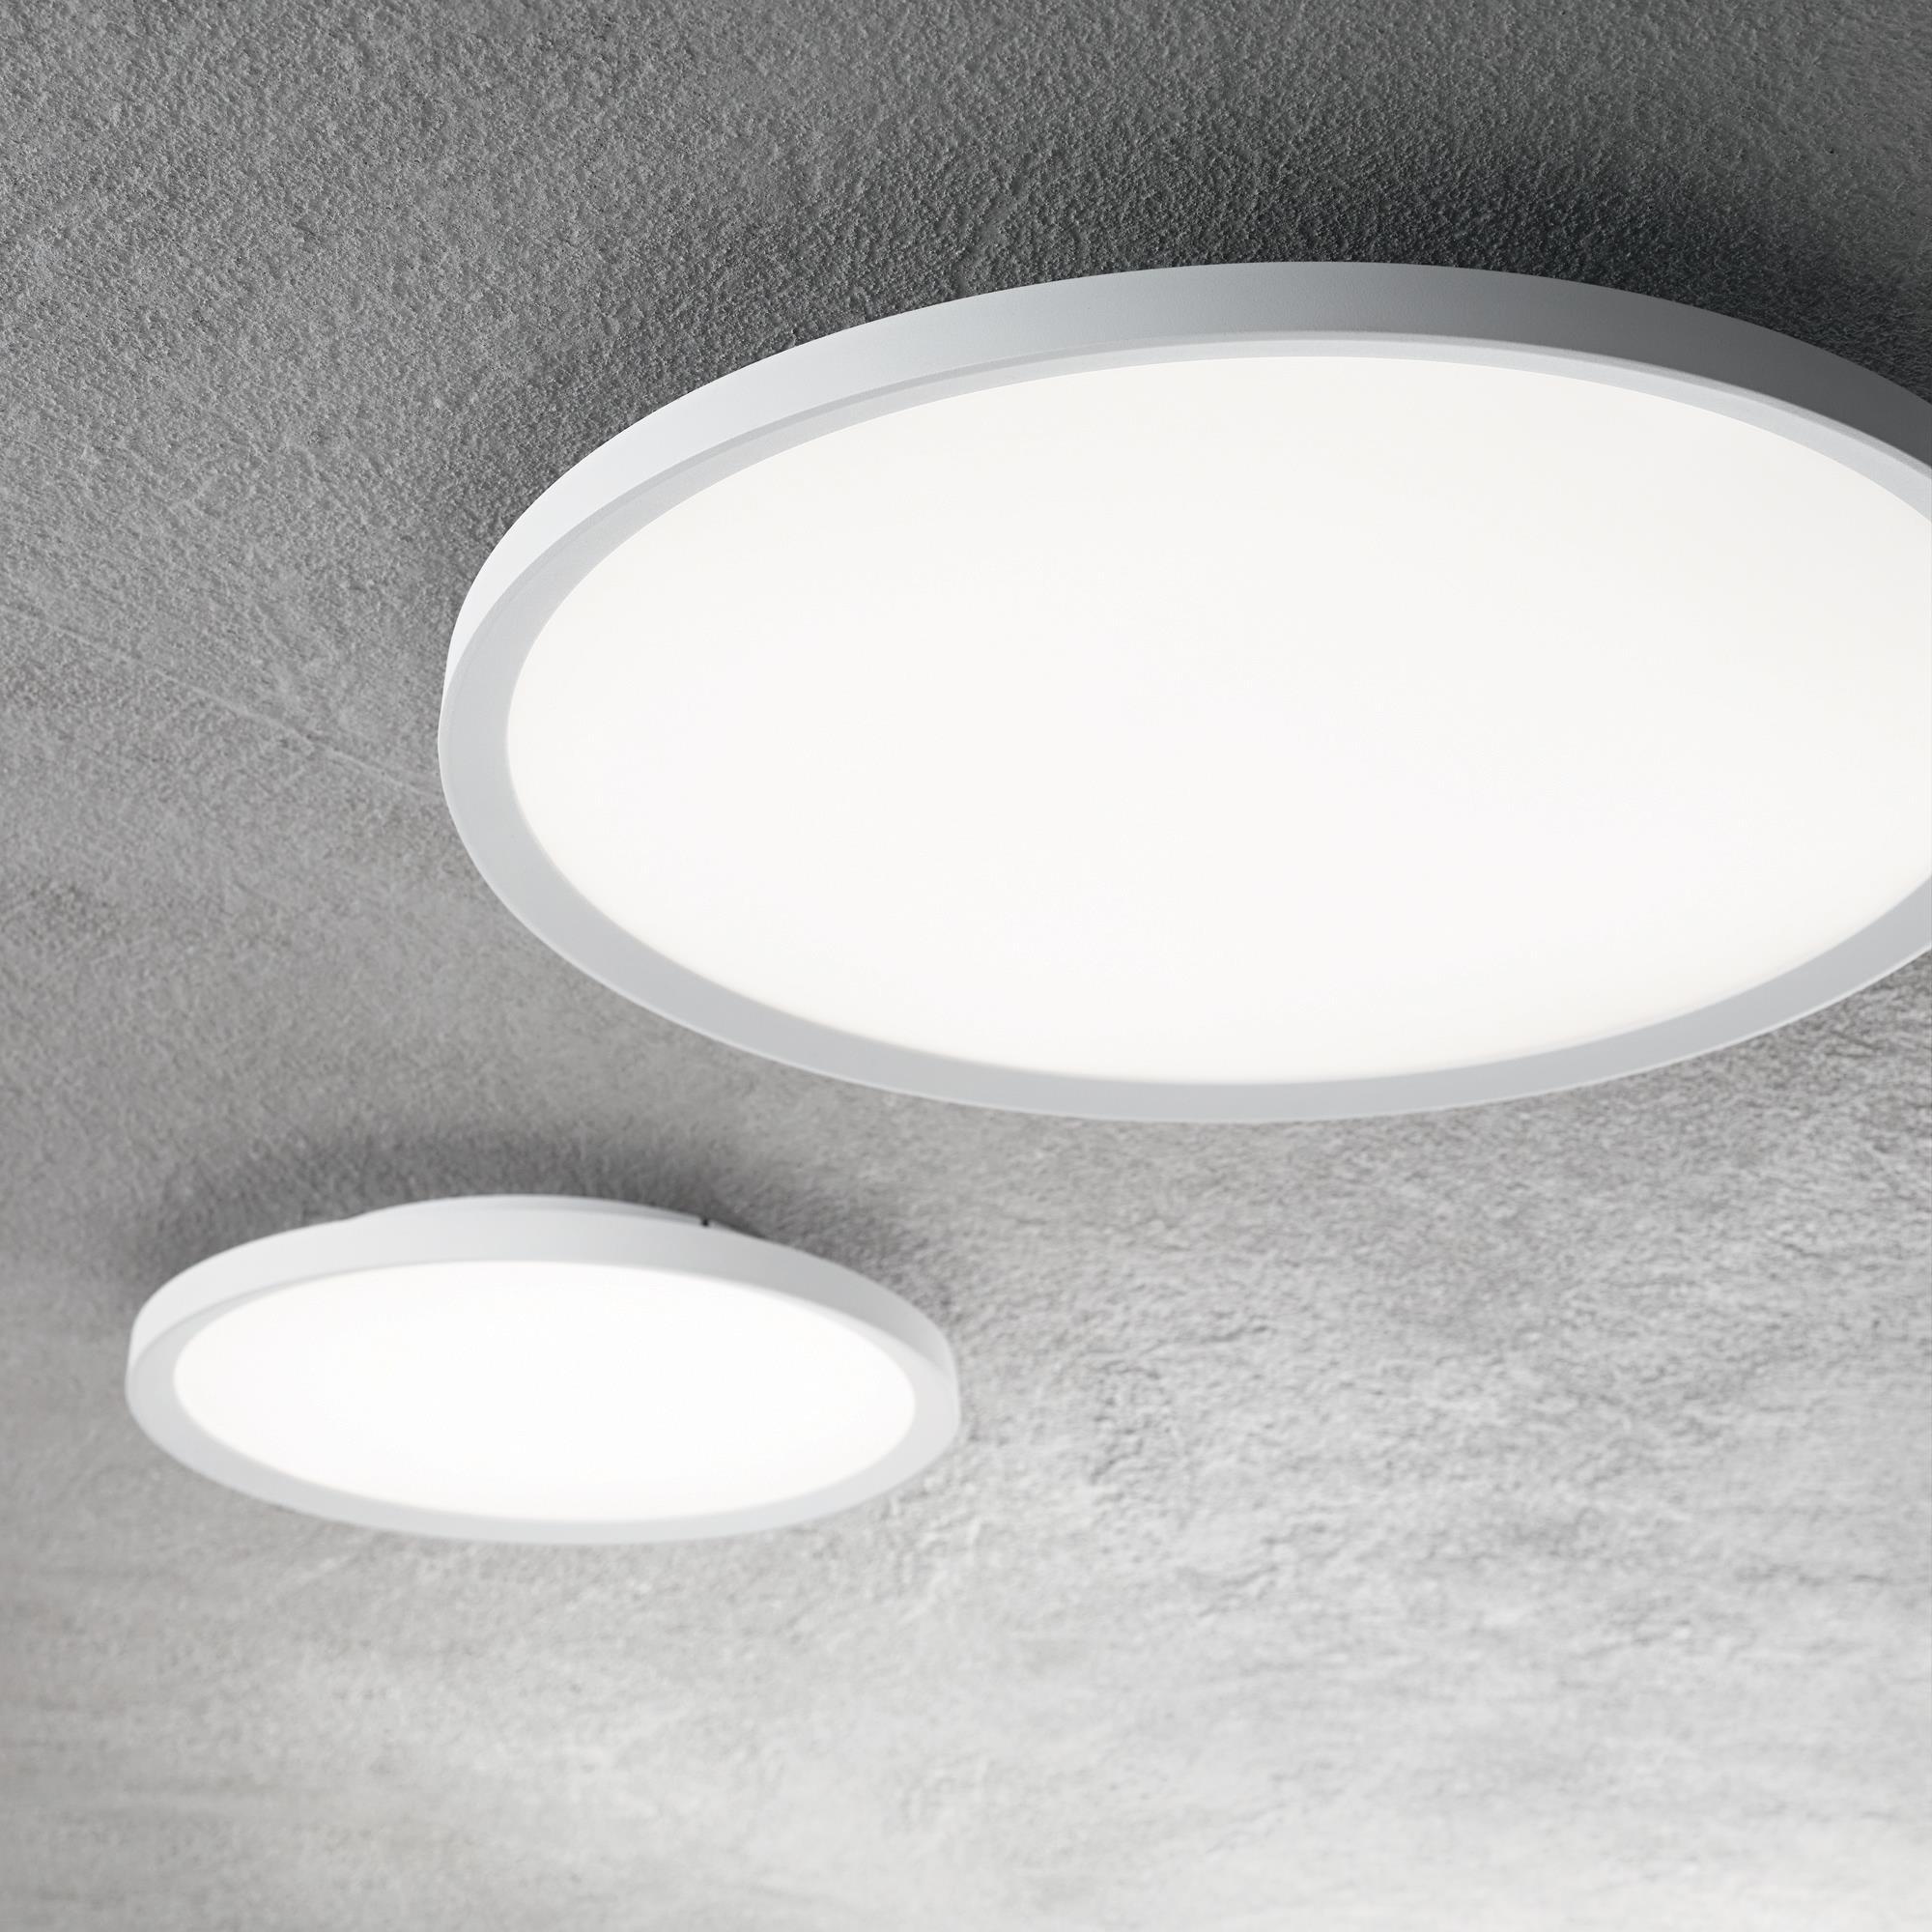 Ideal Lux 137001 UFO PL180 LED mennyezeti lámpa